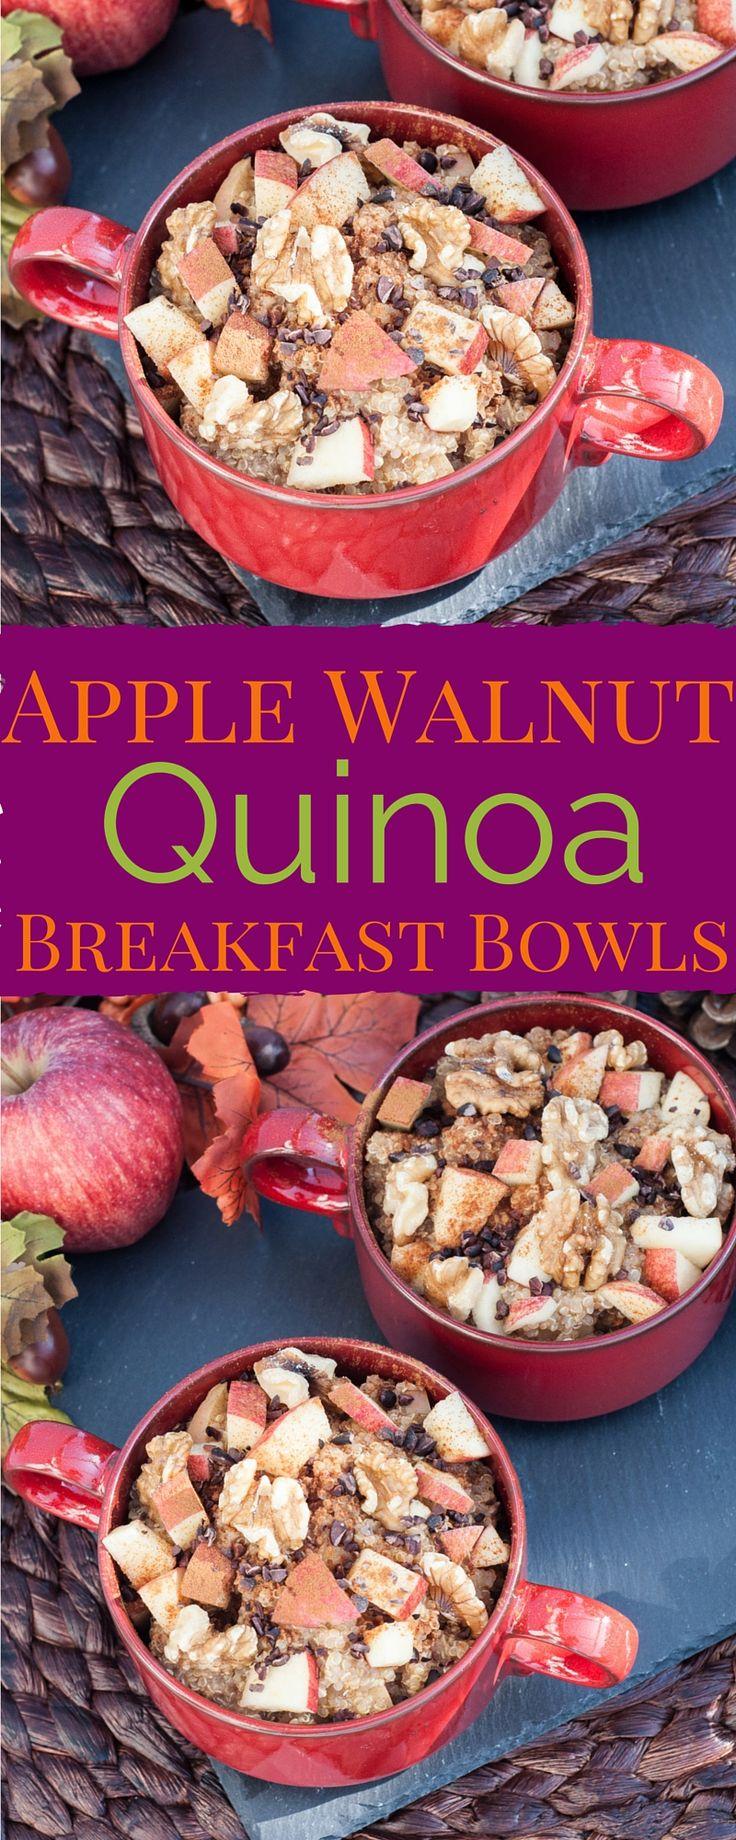 Apple Walnut Quinoa Breakfast Bowl-- if it's got quinoa, I'm sold!